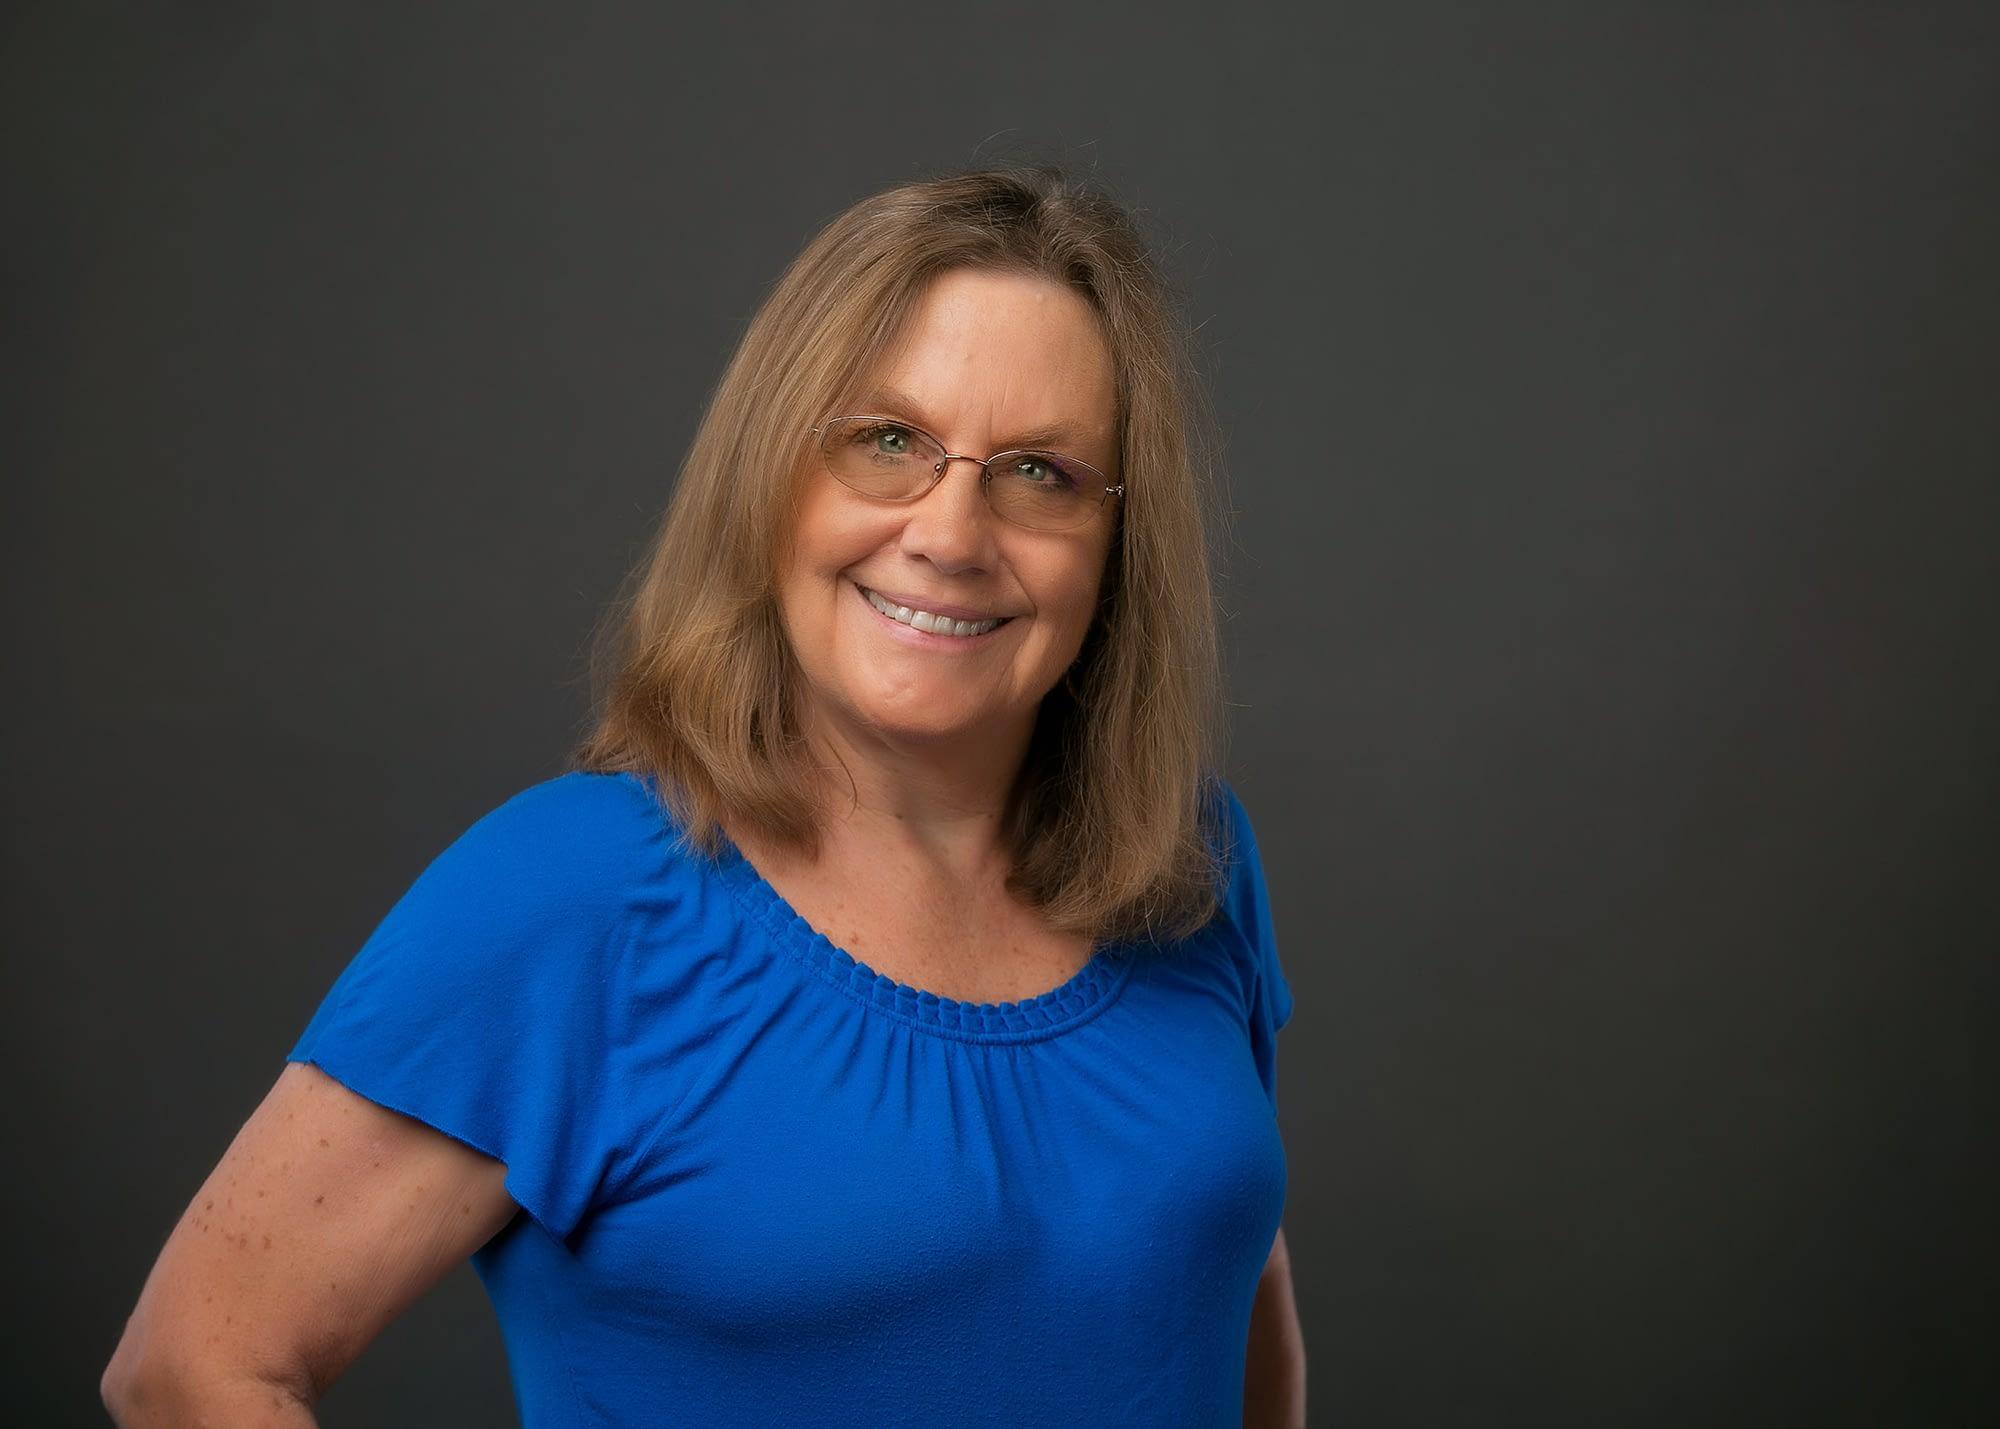 Marlene Schaefer